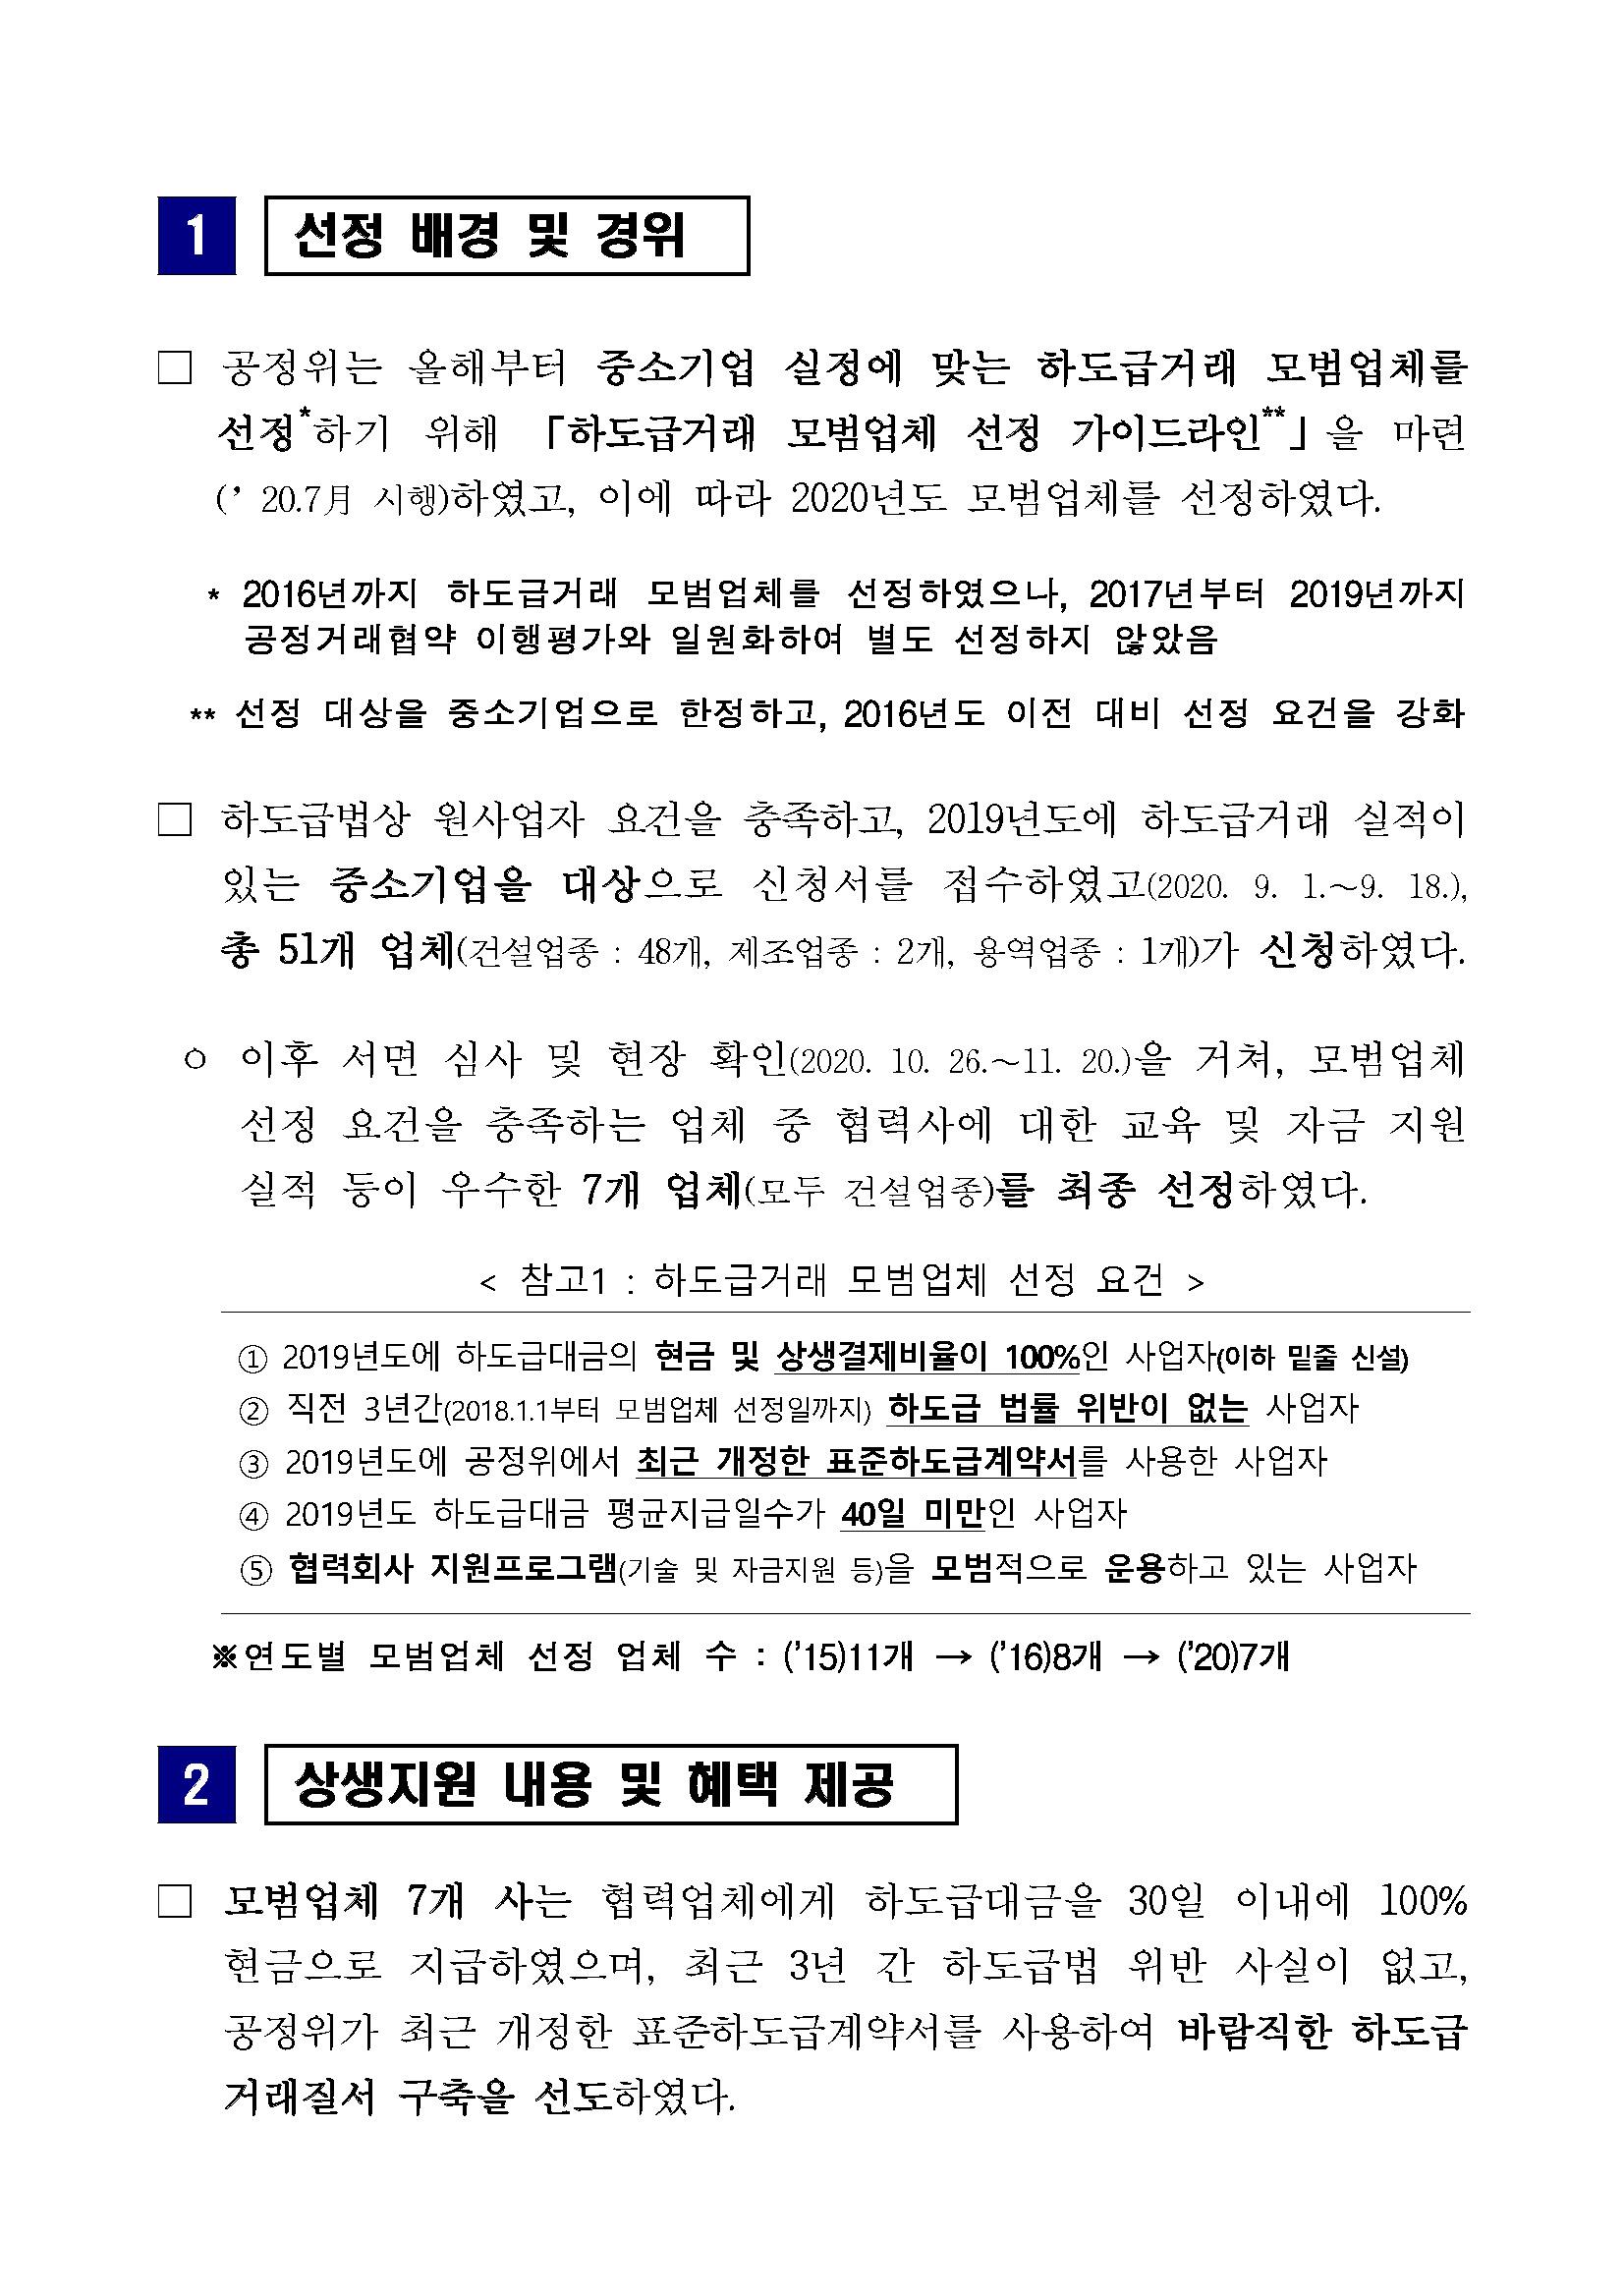 201210(석간)_2020년도 하도급거래 모범업체 발표_페이지_2.jpg